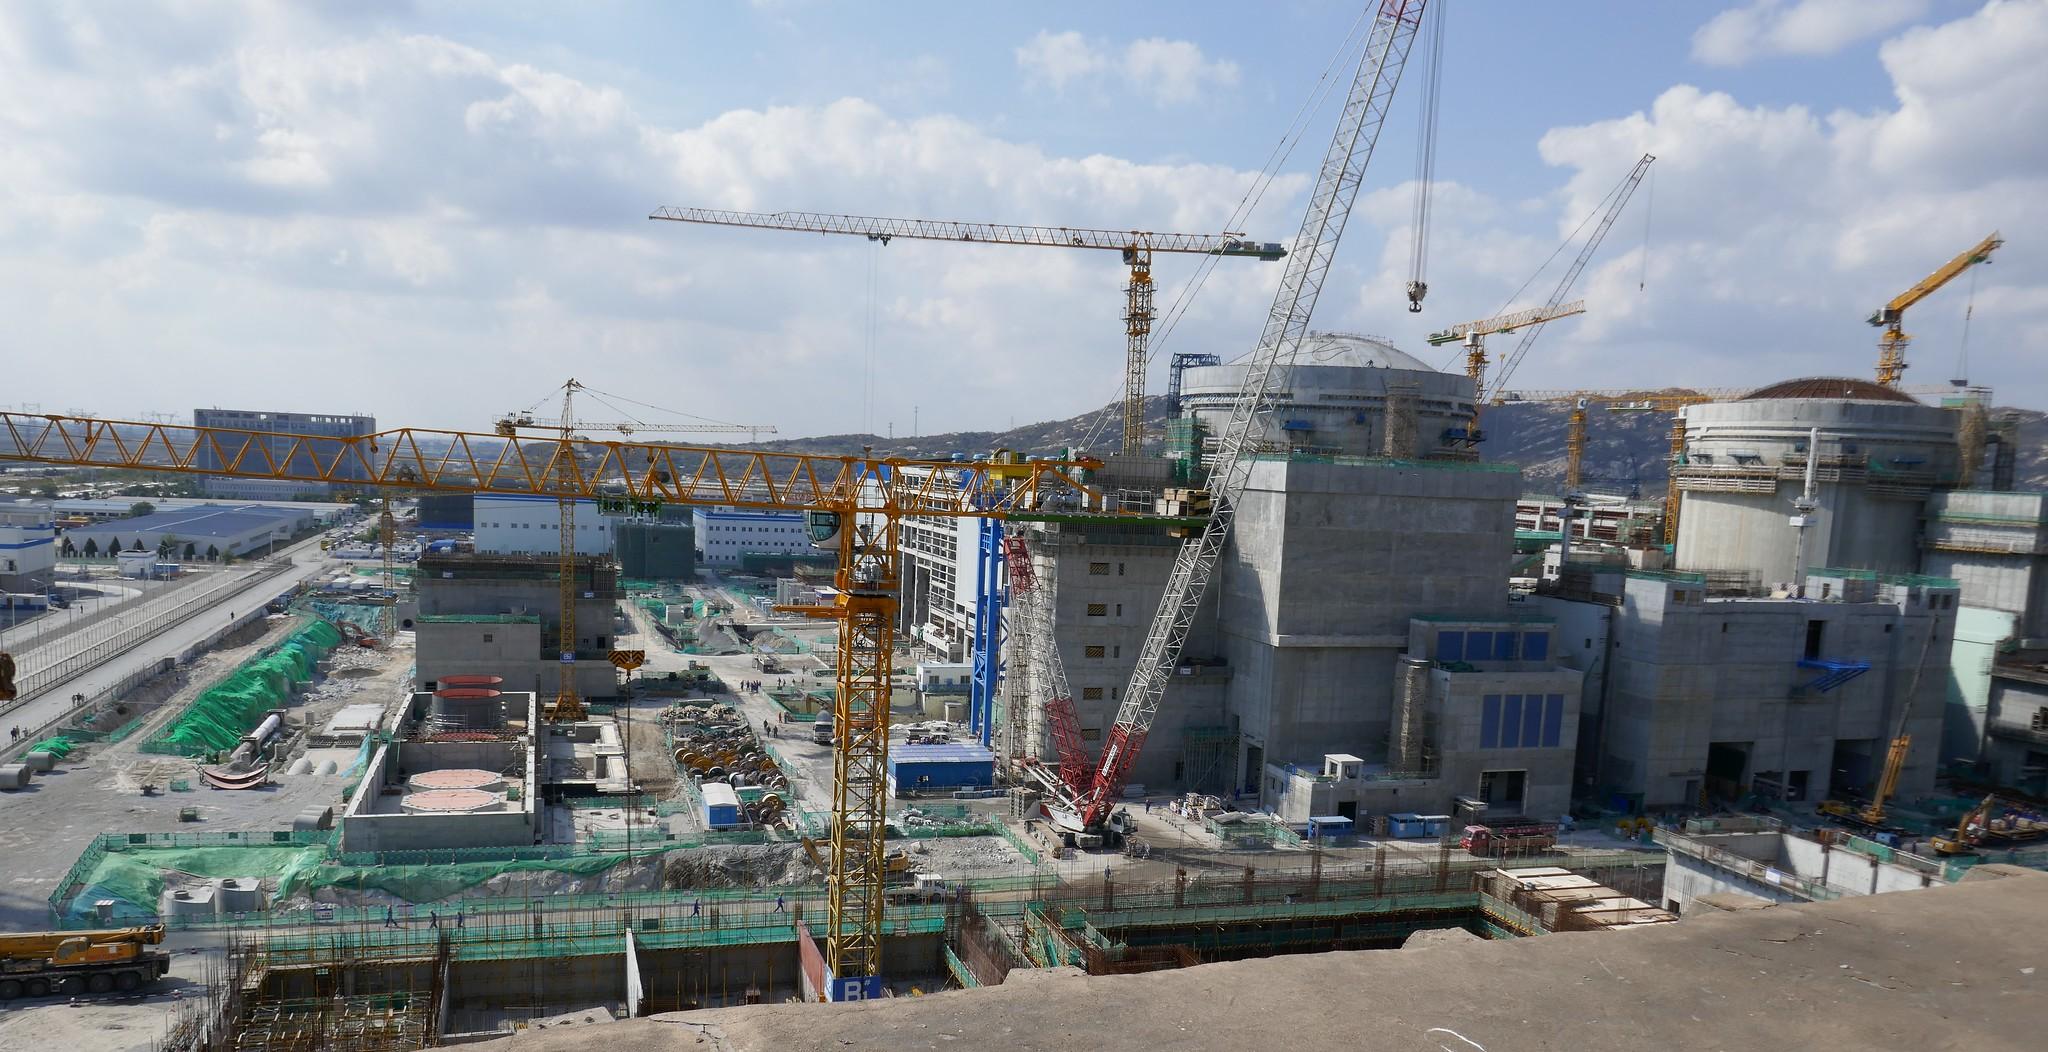 jaderná energie - Rosatom podepsal s Čínou kontrakt na výstavbu JE typu VVER v nové lokalitě - Nové bloky ve světě (Výstavba dvou bloků s ruskými technologiemi v JE Tchien) 3